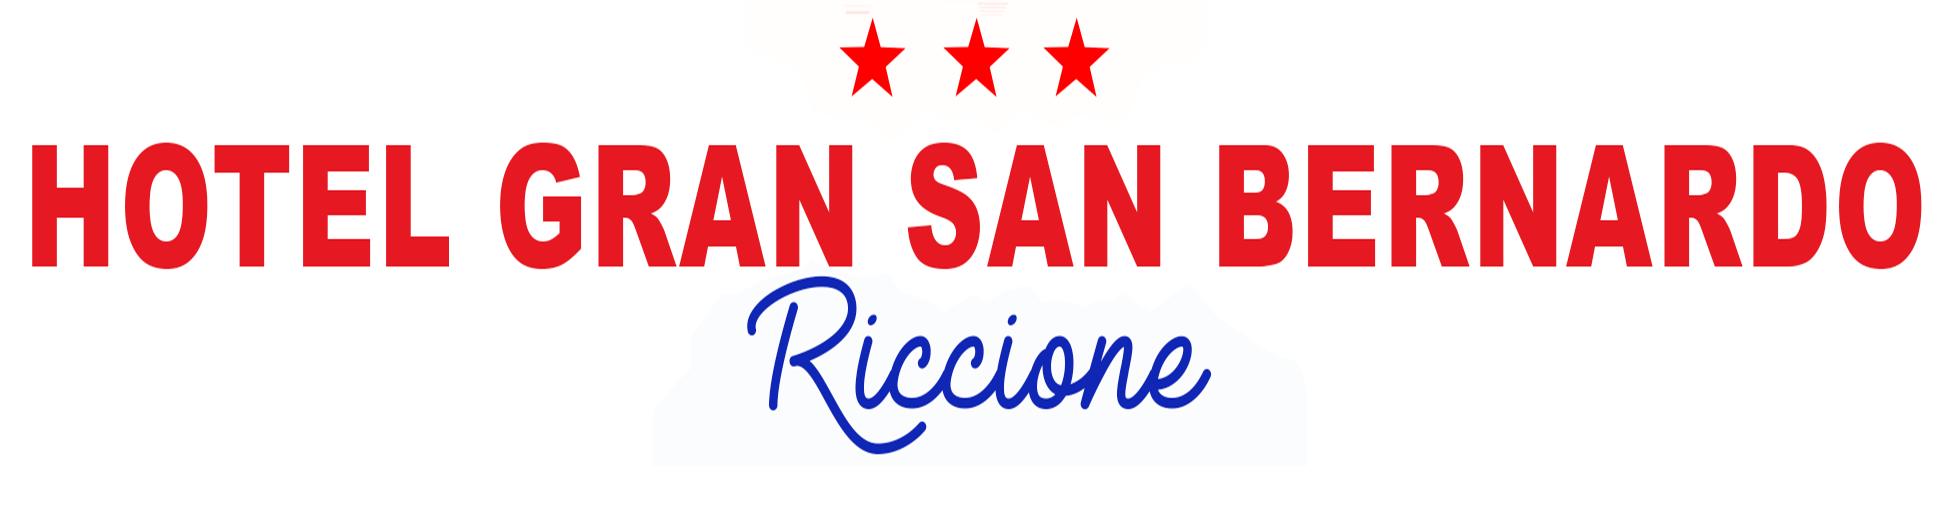 Gran San Bernardo Riccione LOGO